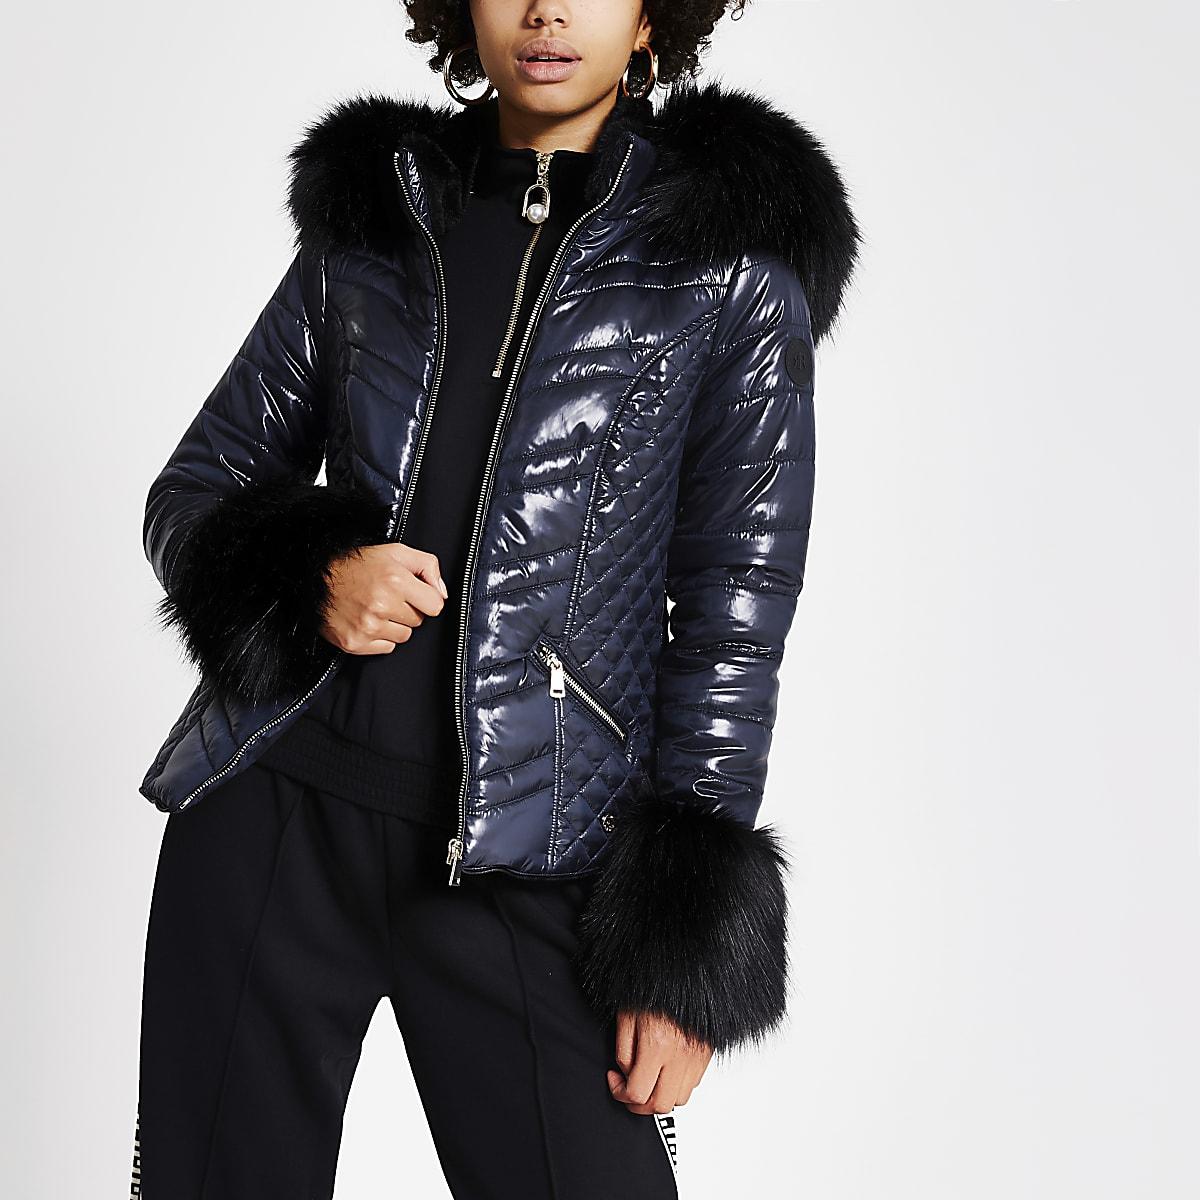 Marineblauwe gewatteerde jas met capuchon van imitatiebont